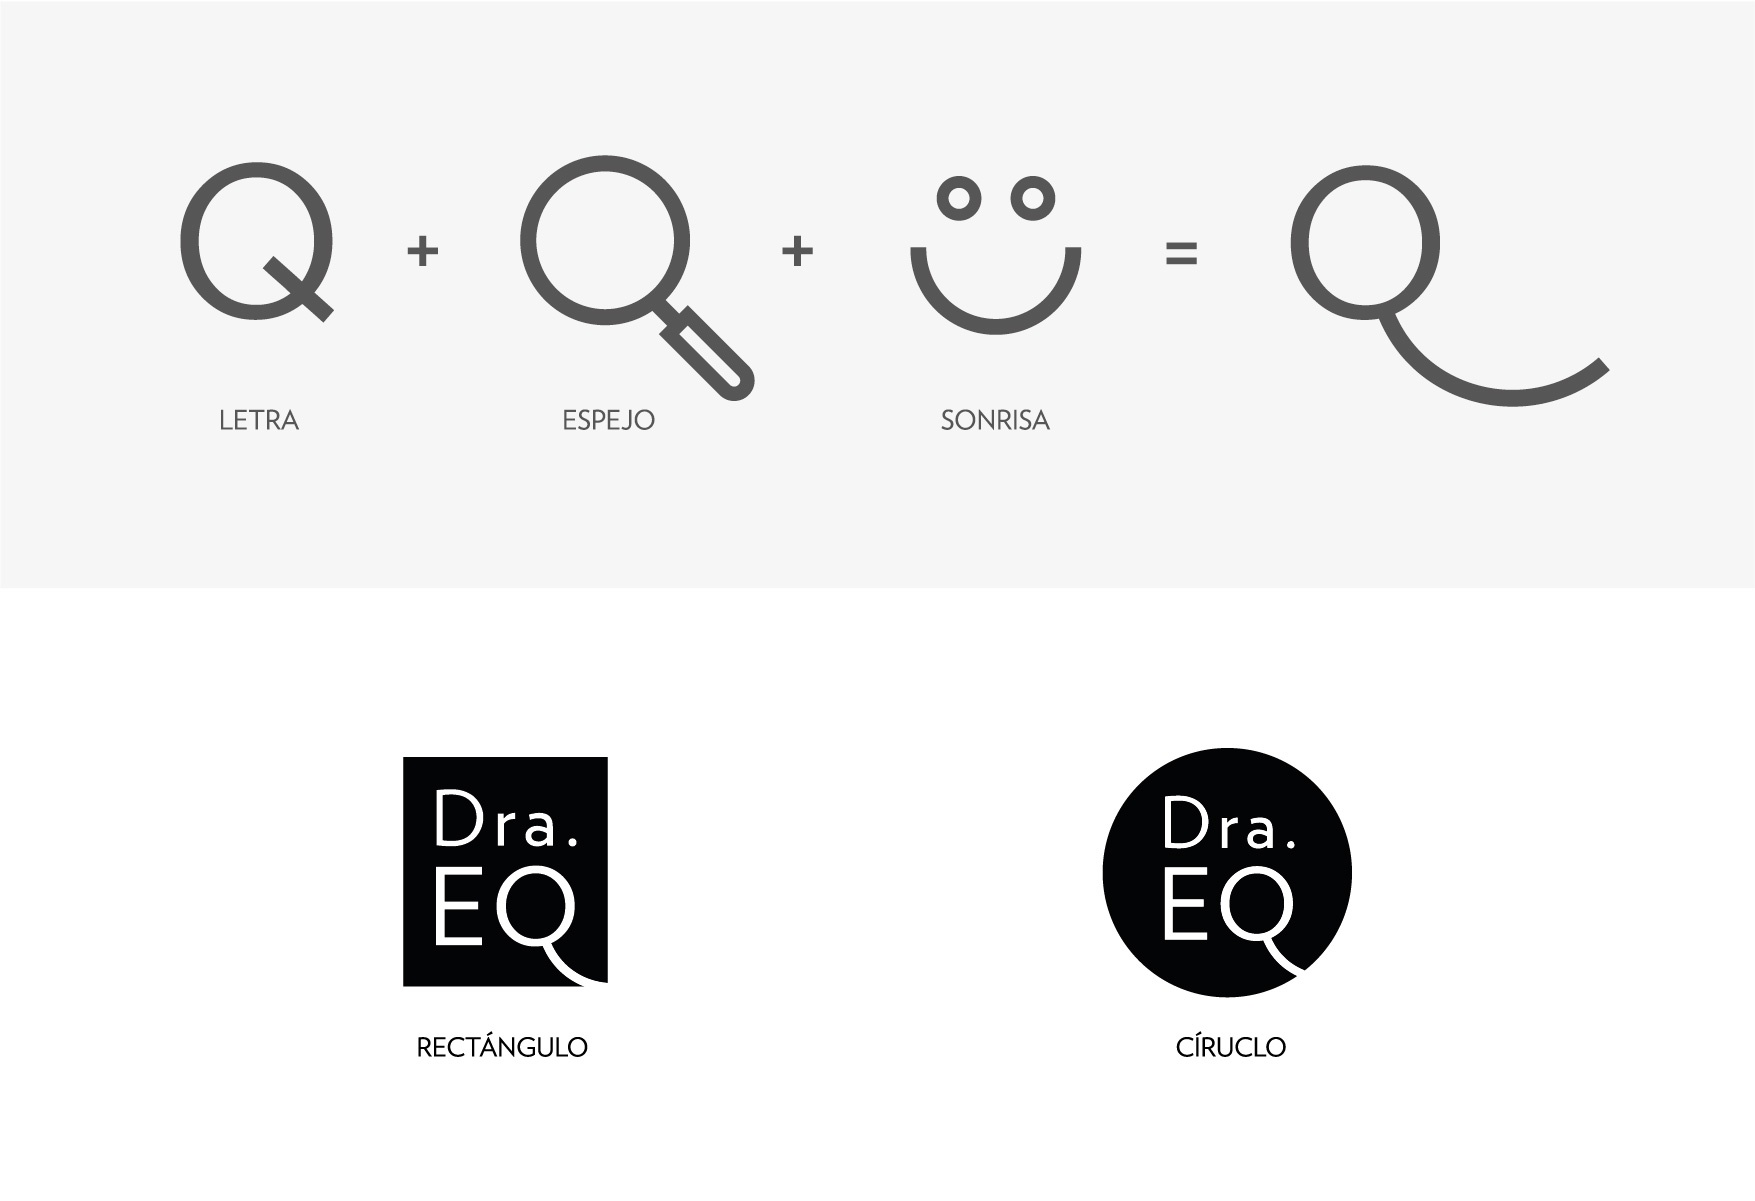 Clínica Dra. EQ Identidad Corporativa, construcción de logotipo